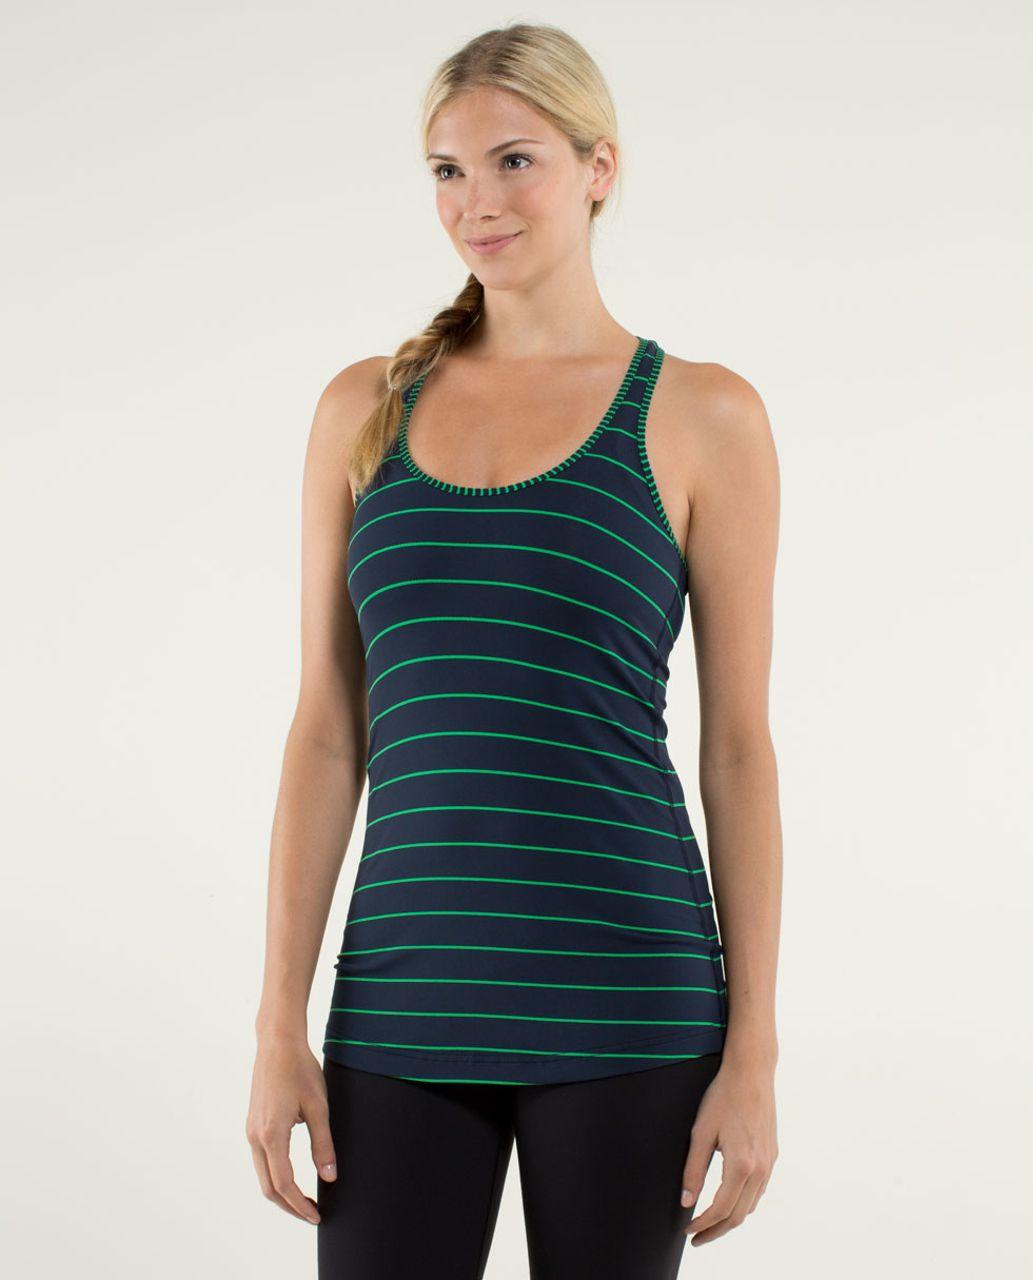 Lululemon Cool Racerback - Slalom Stripe Inkwell / Hyper Stripe Green Bean